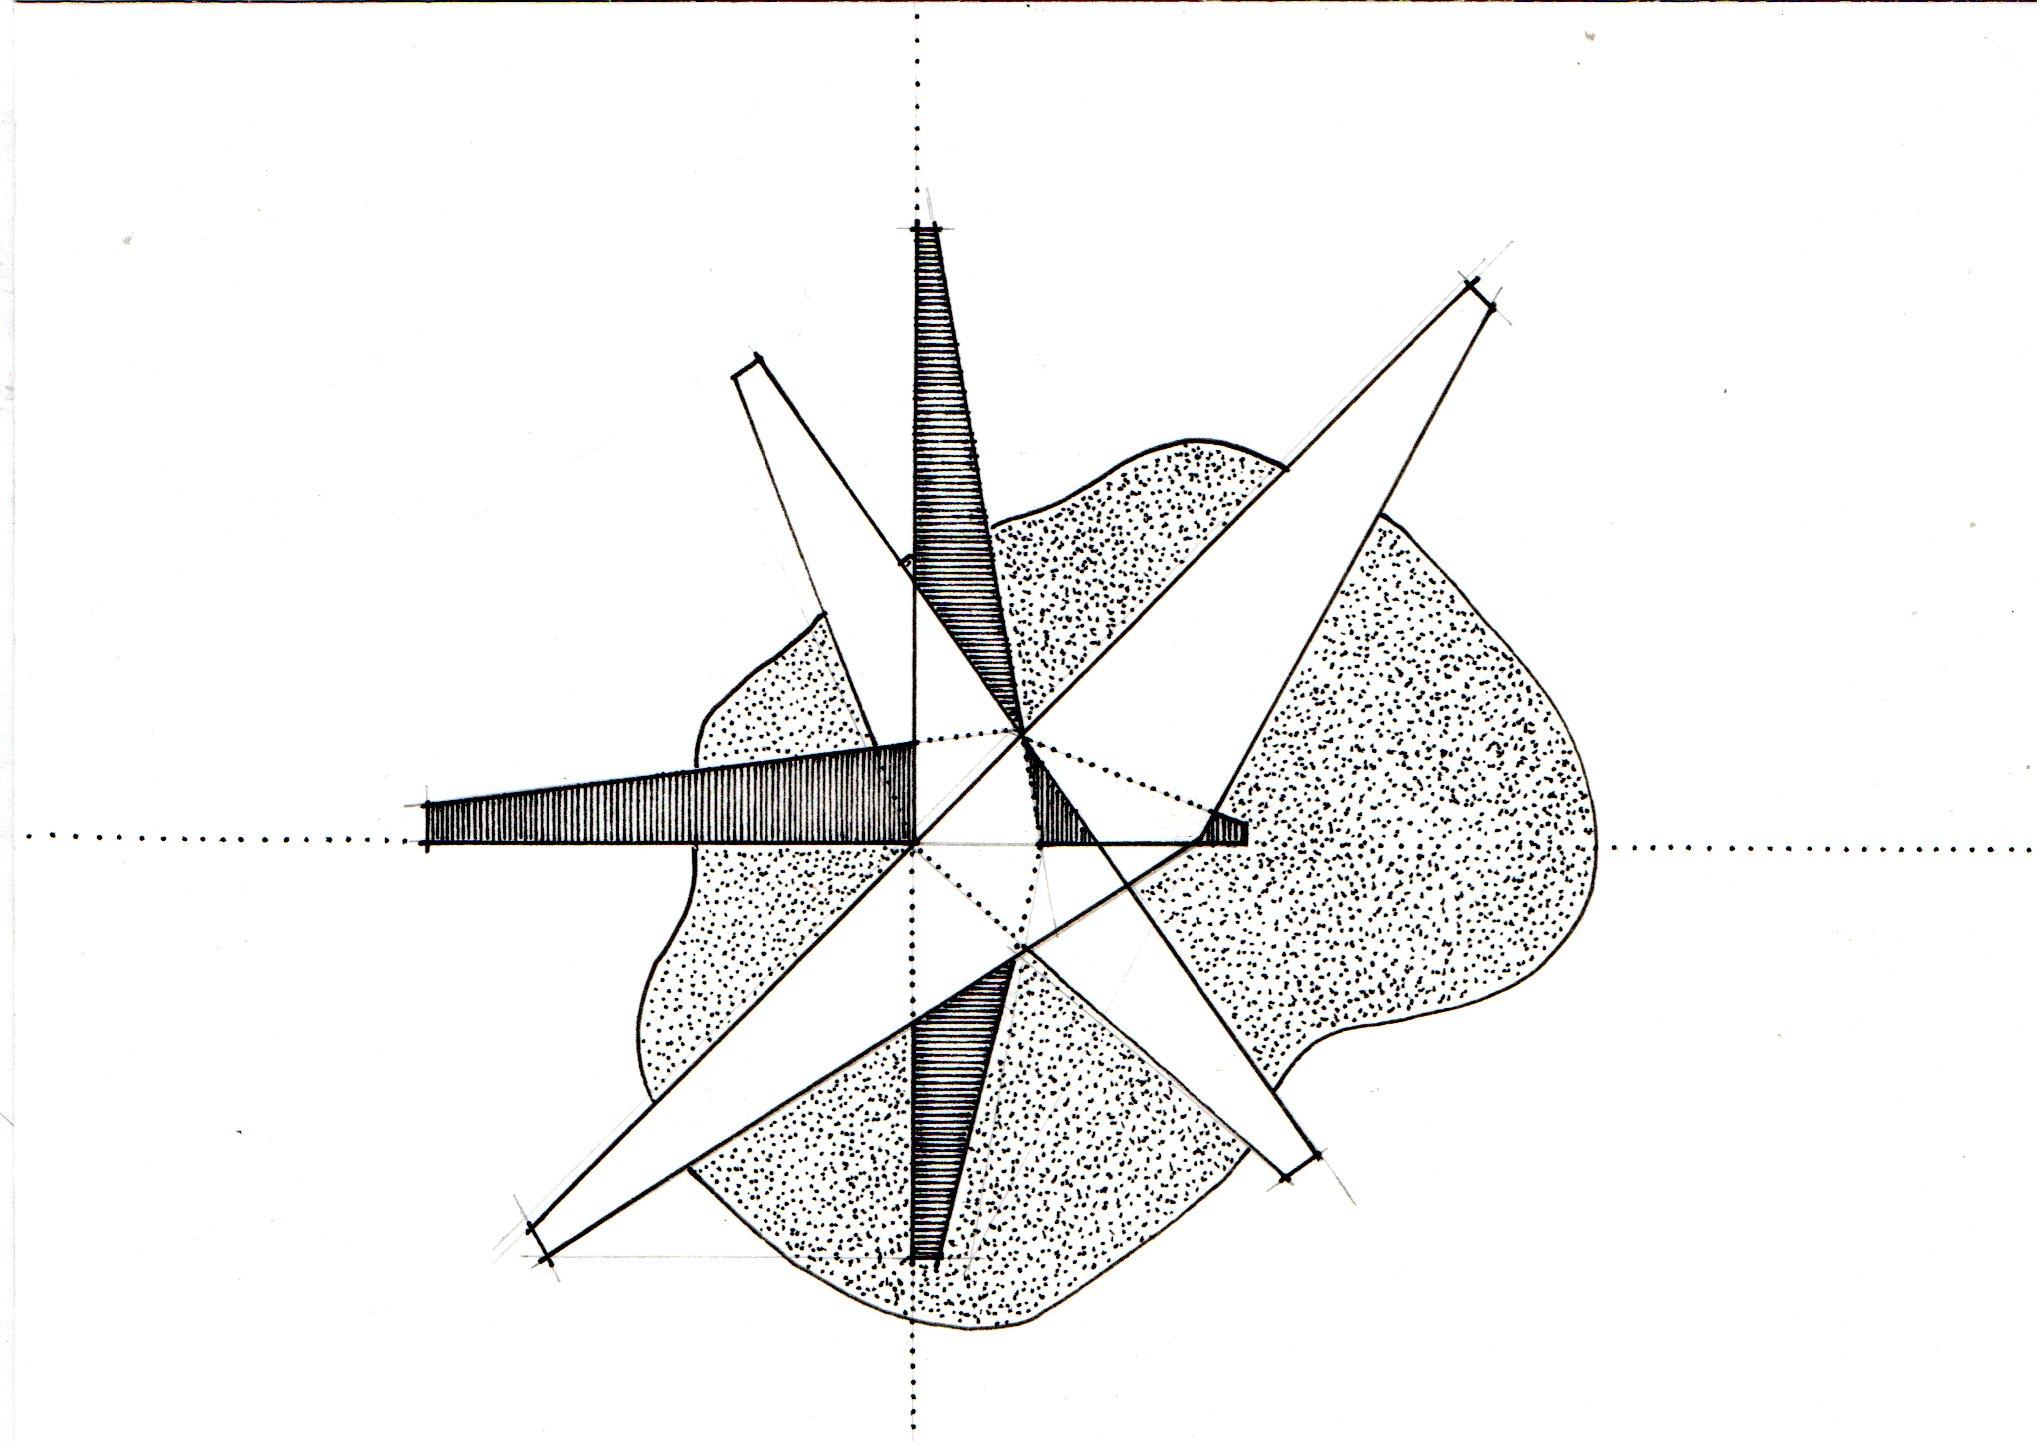 juego-magnetico-collage-conceptual02.jpg